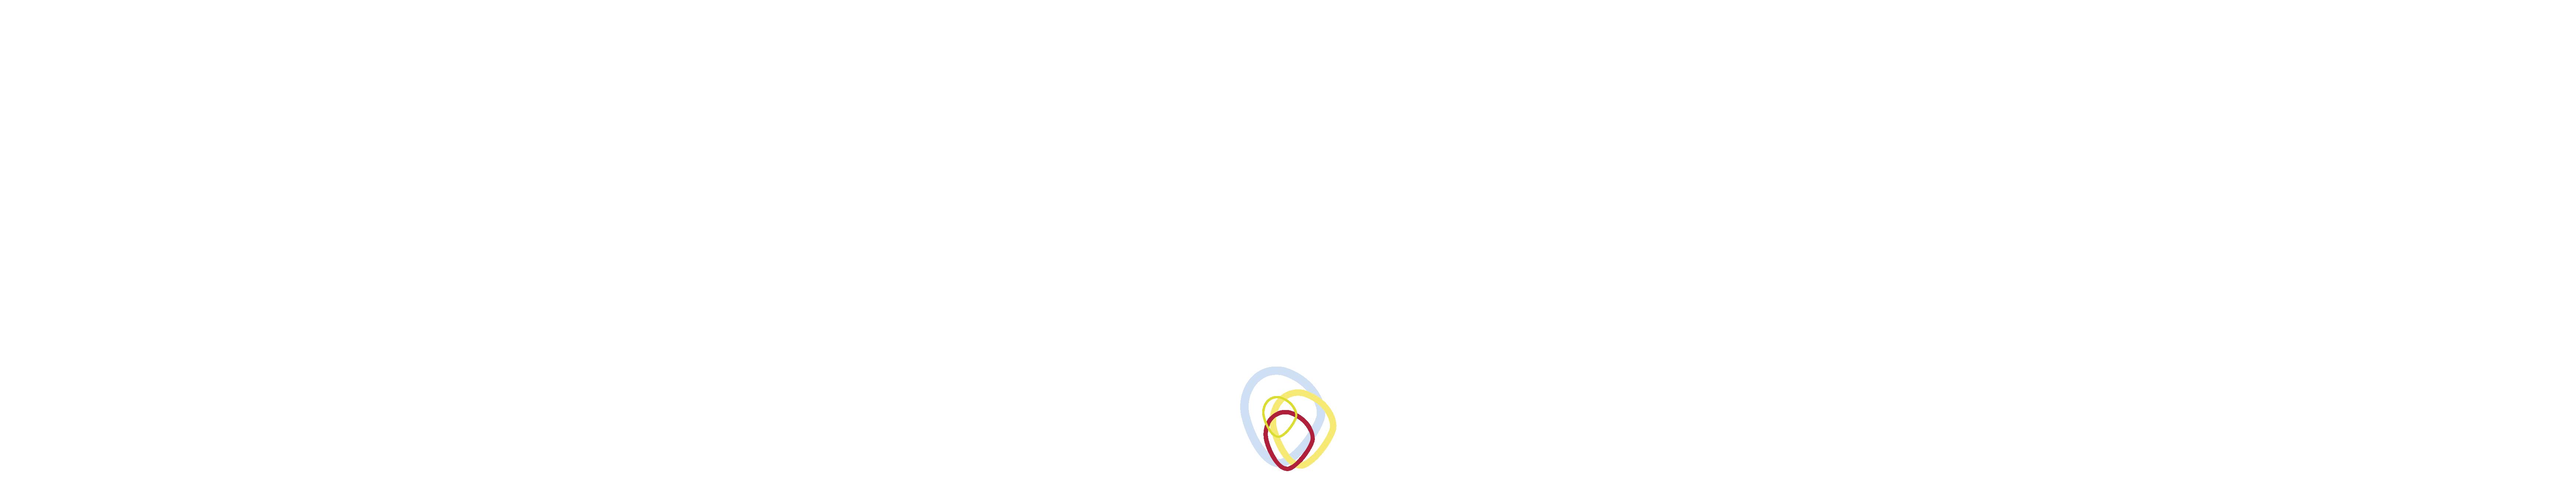 GTR-logo-web-01